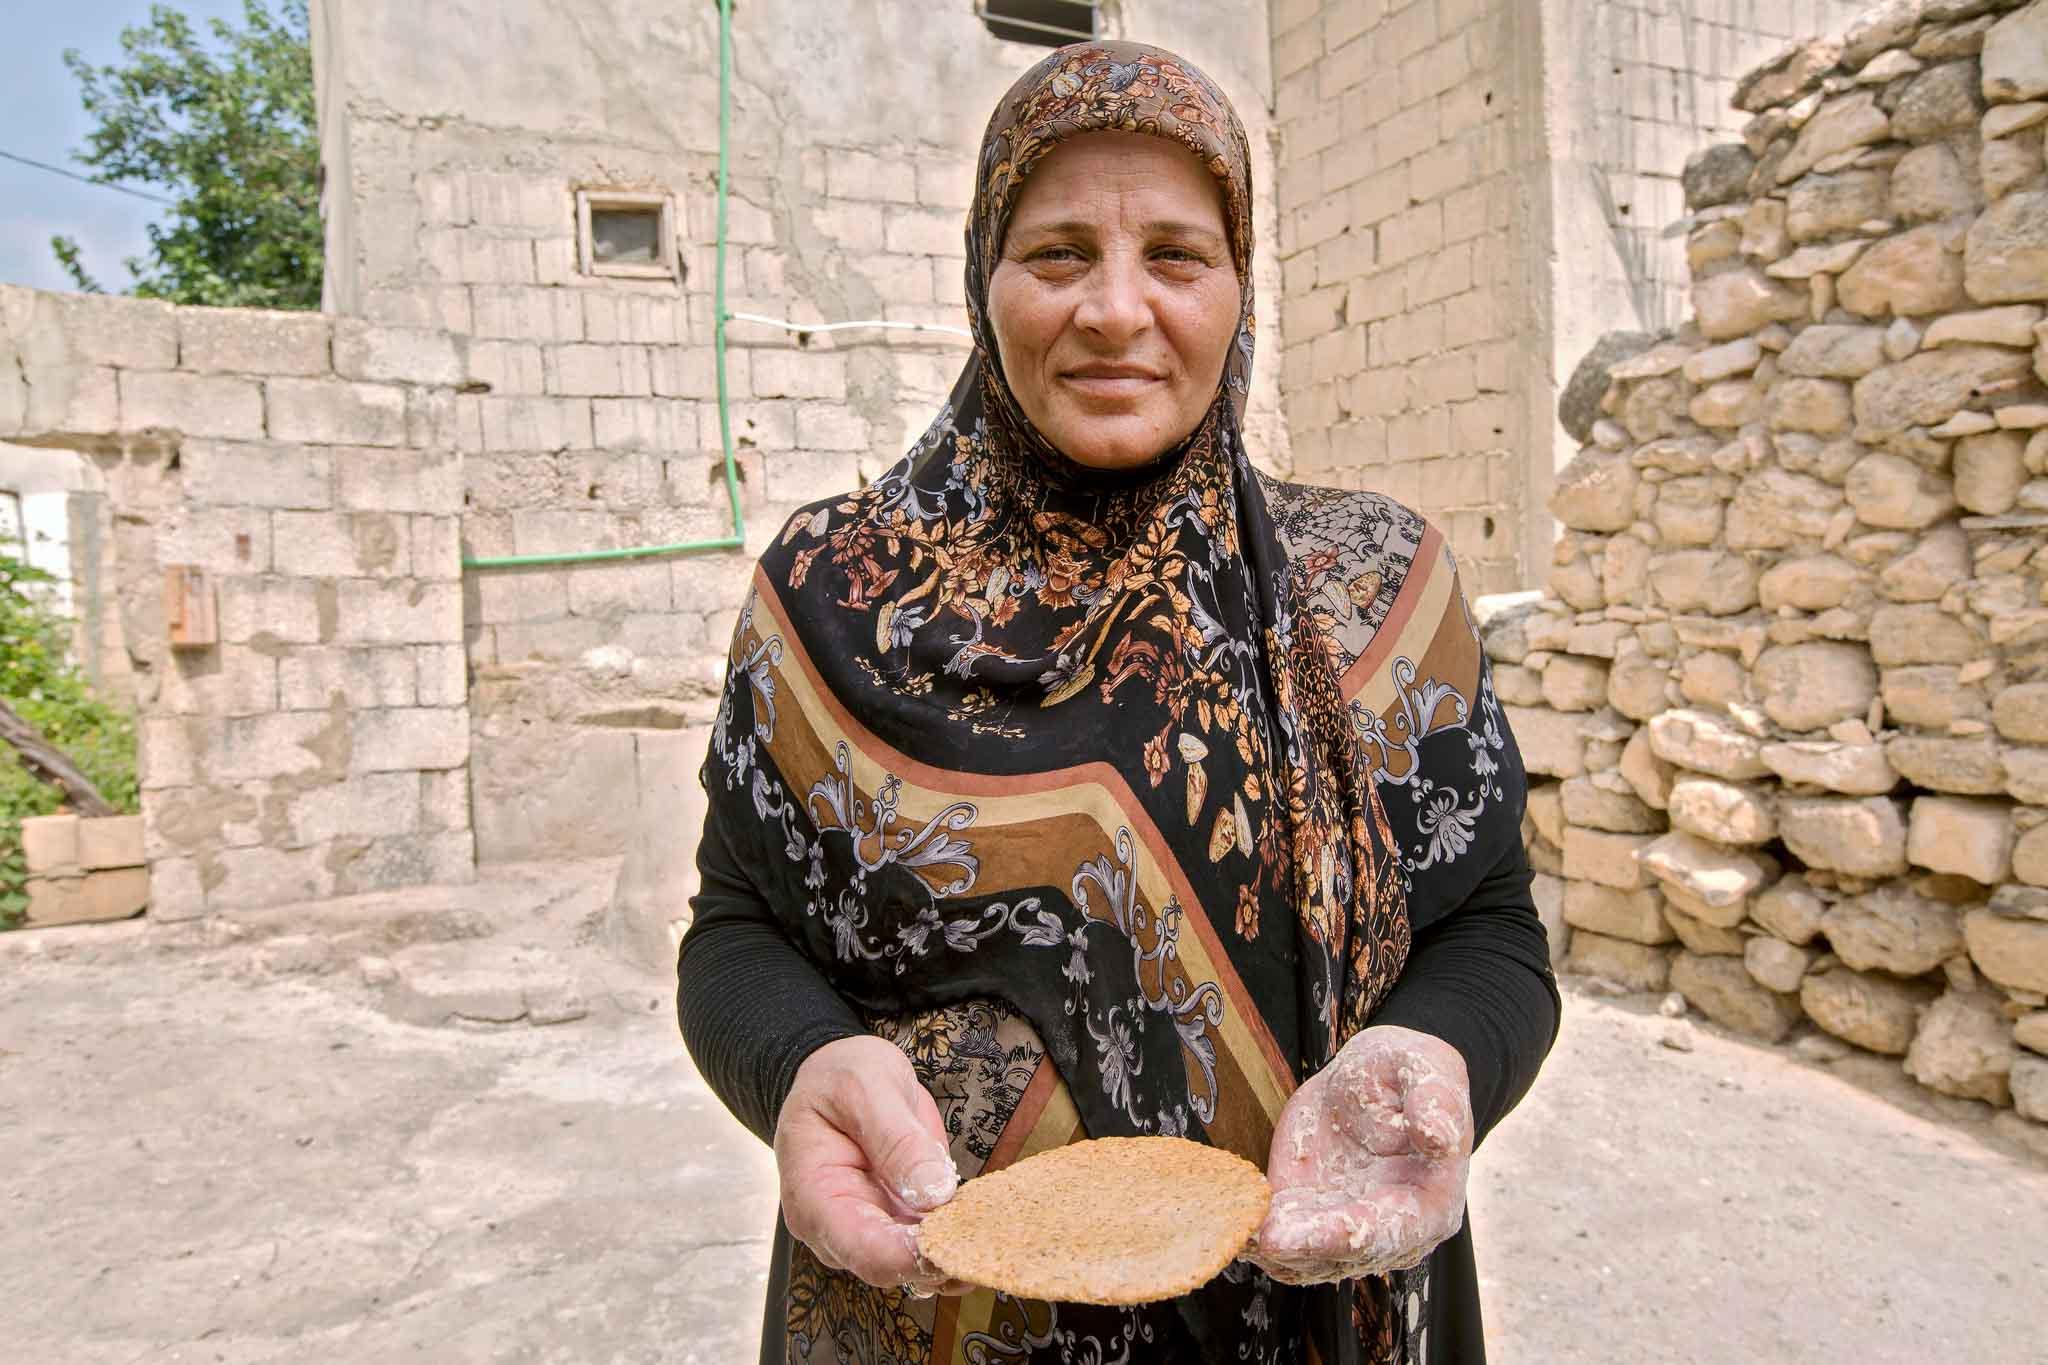 Mujer afgana sujetando un cuenco vacío